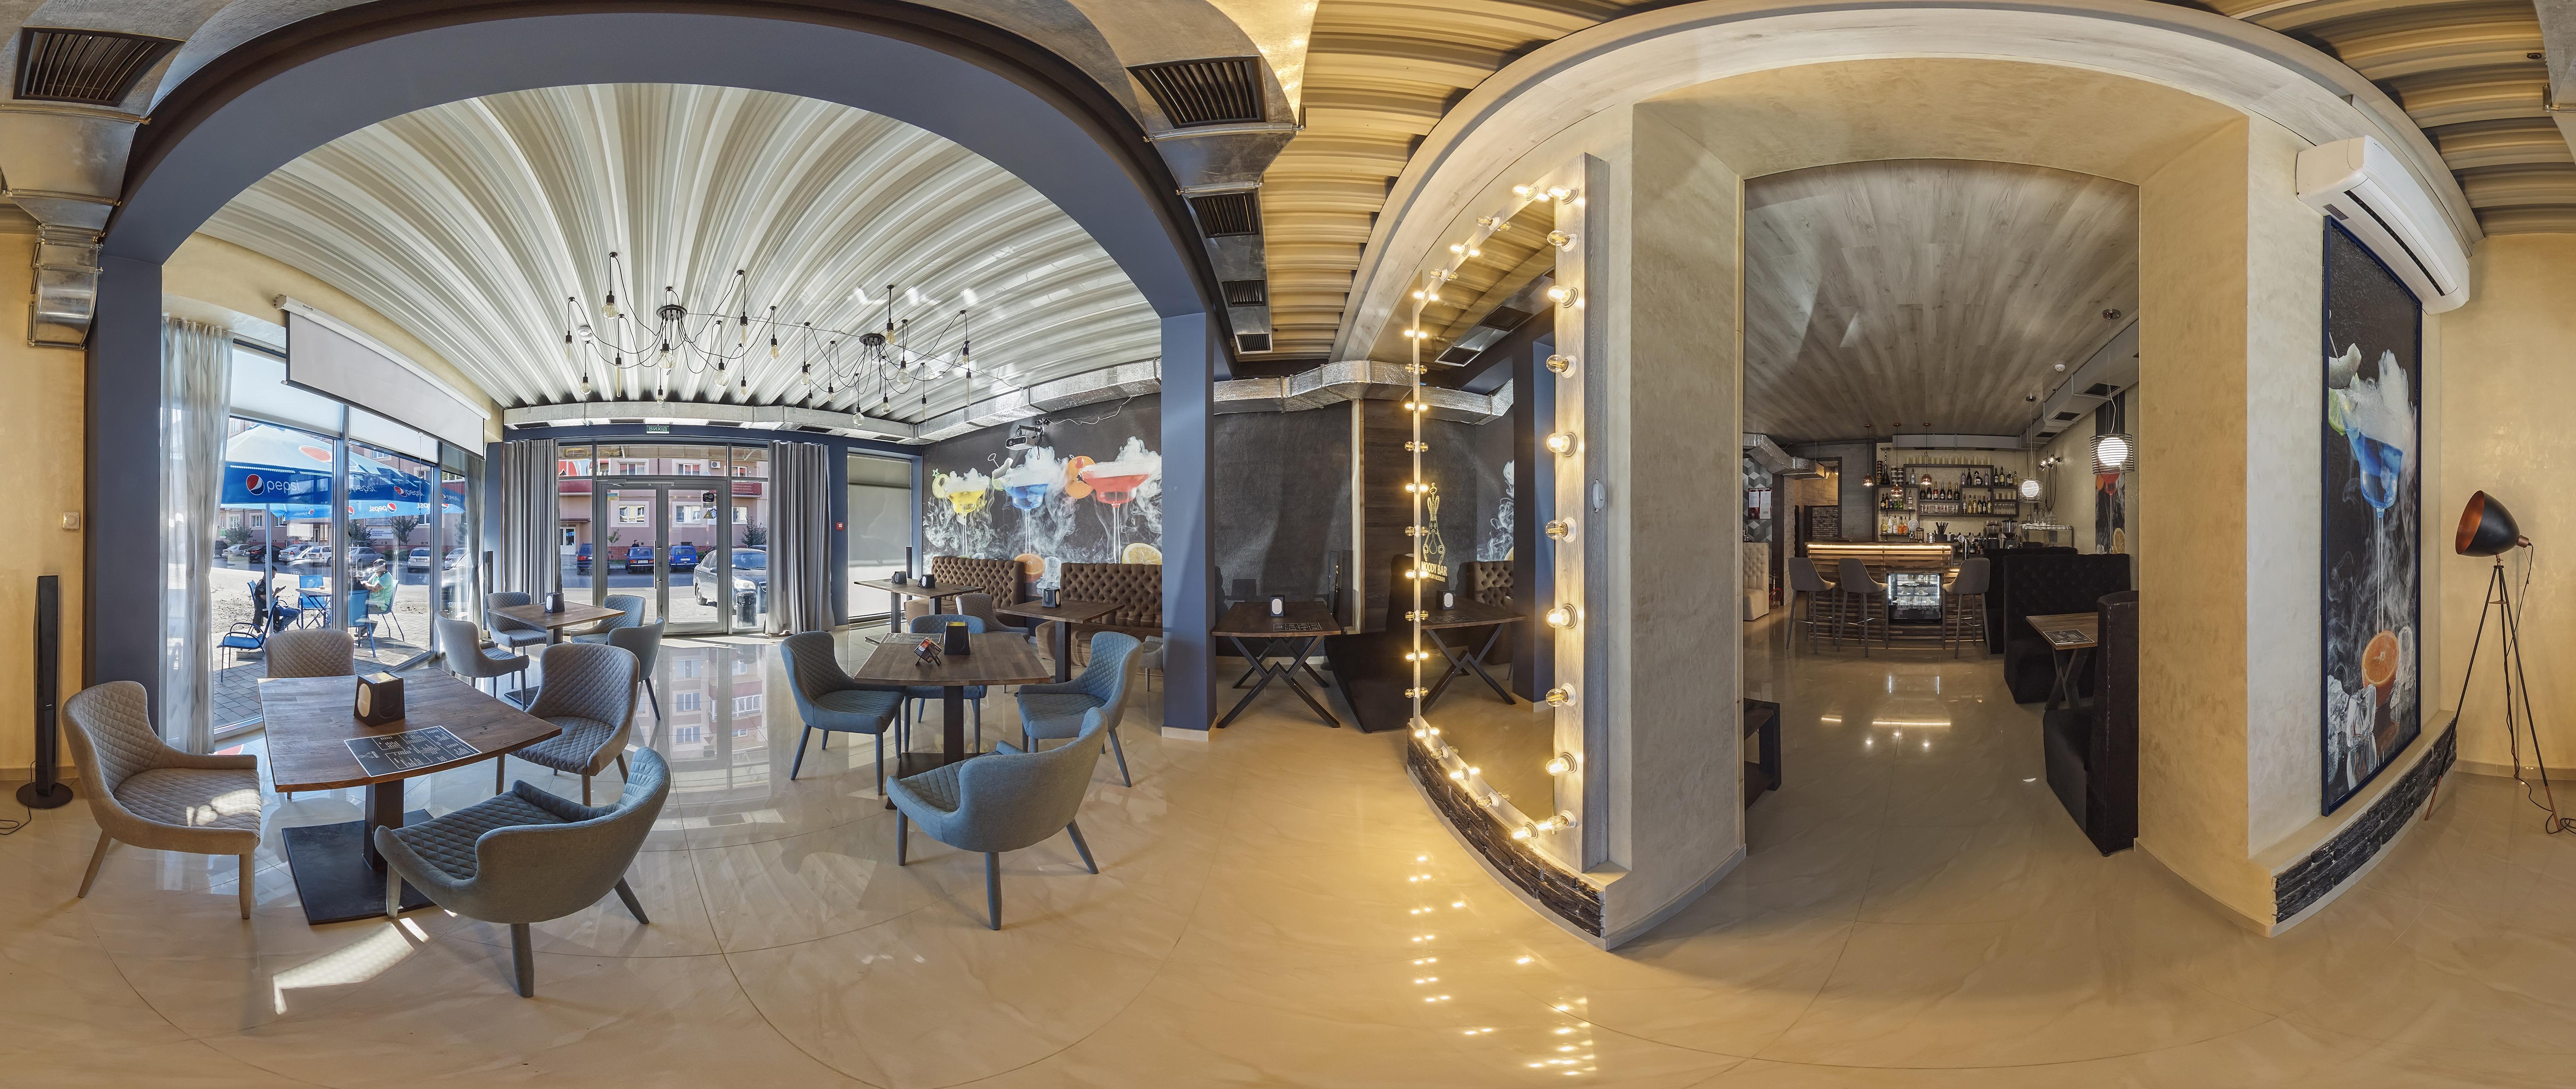 Moody Bar - интерьер кальянной в Ужгороде